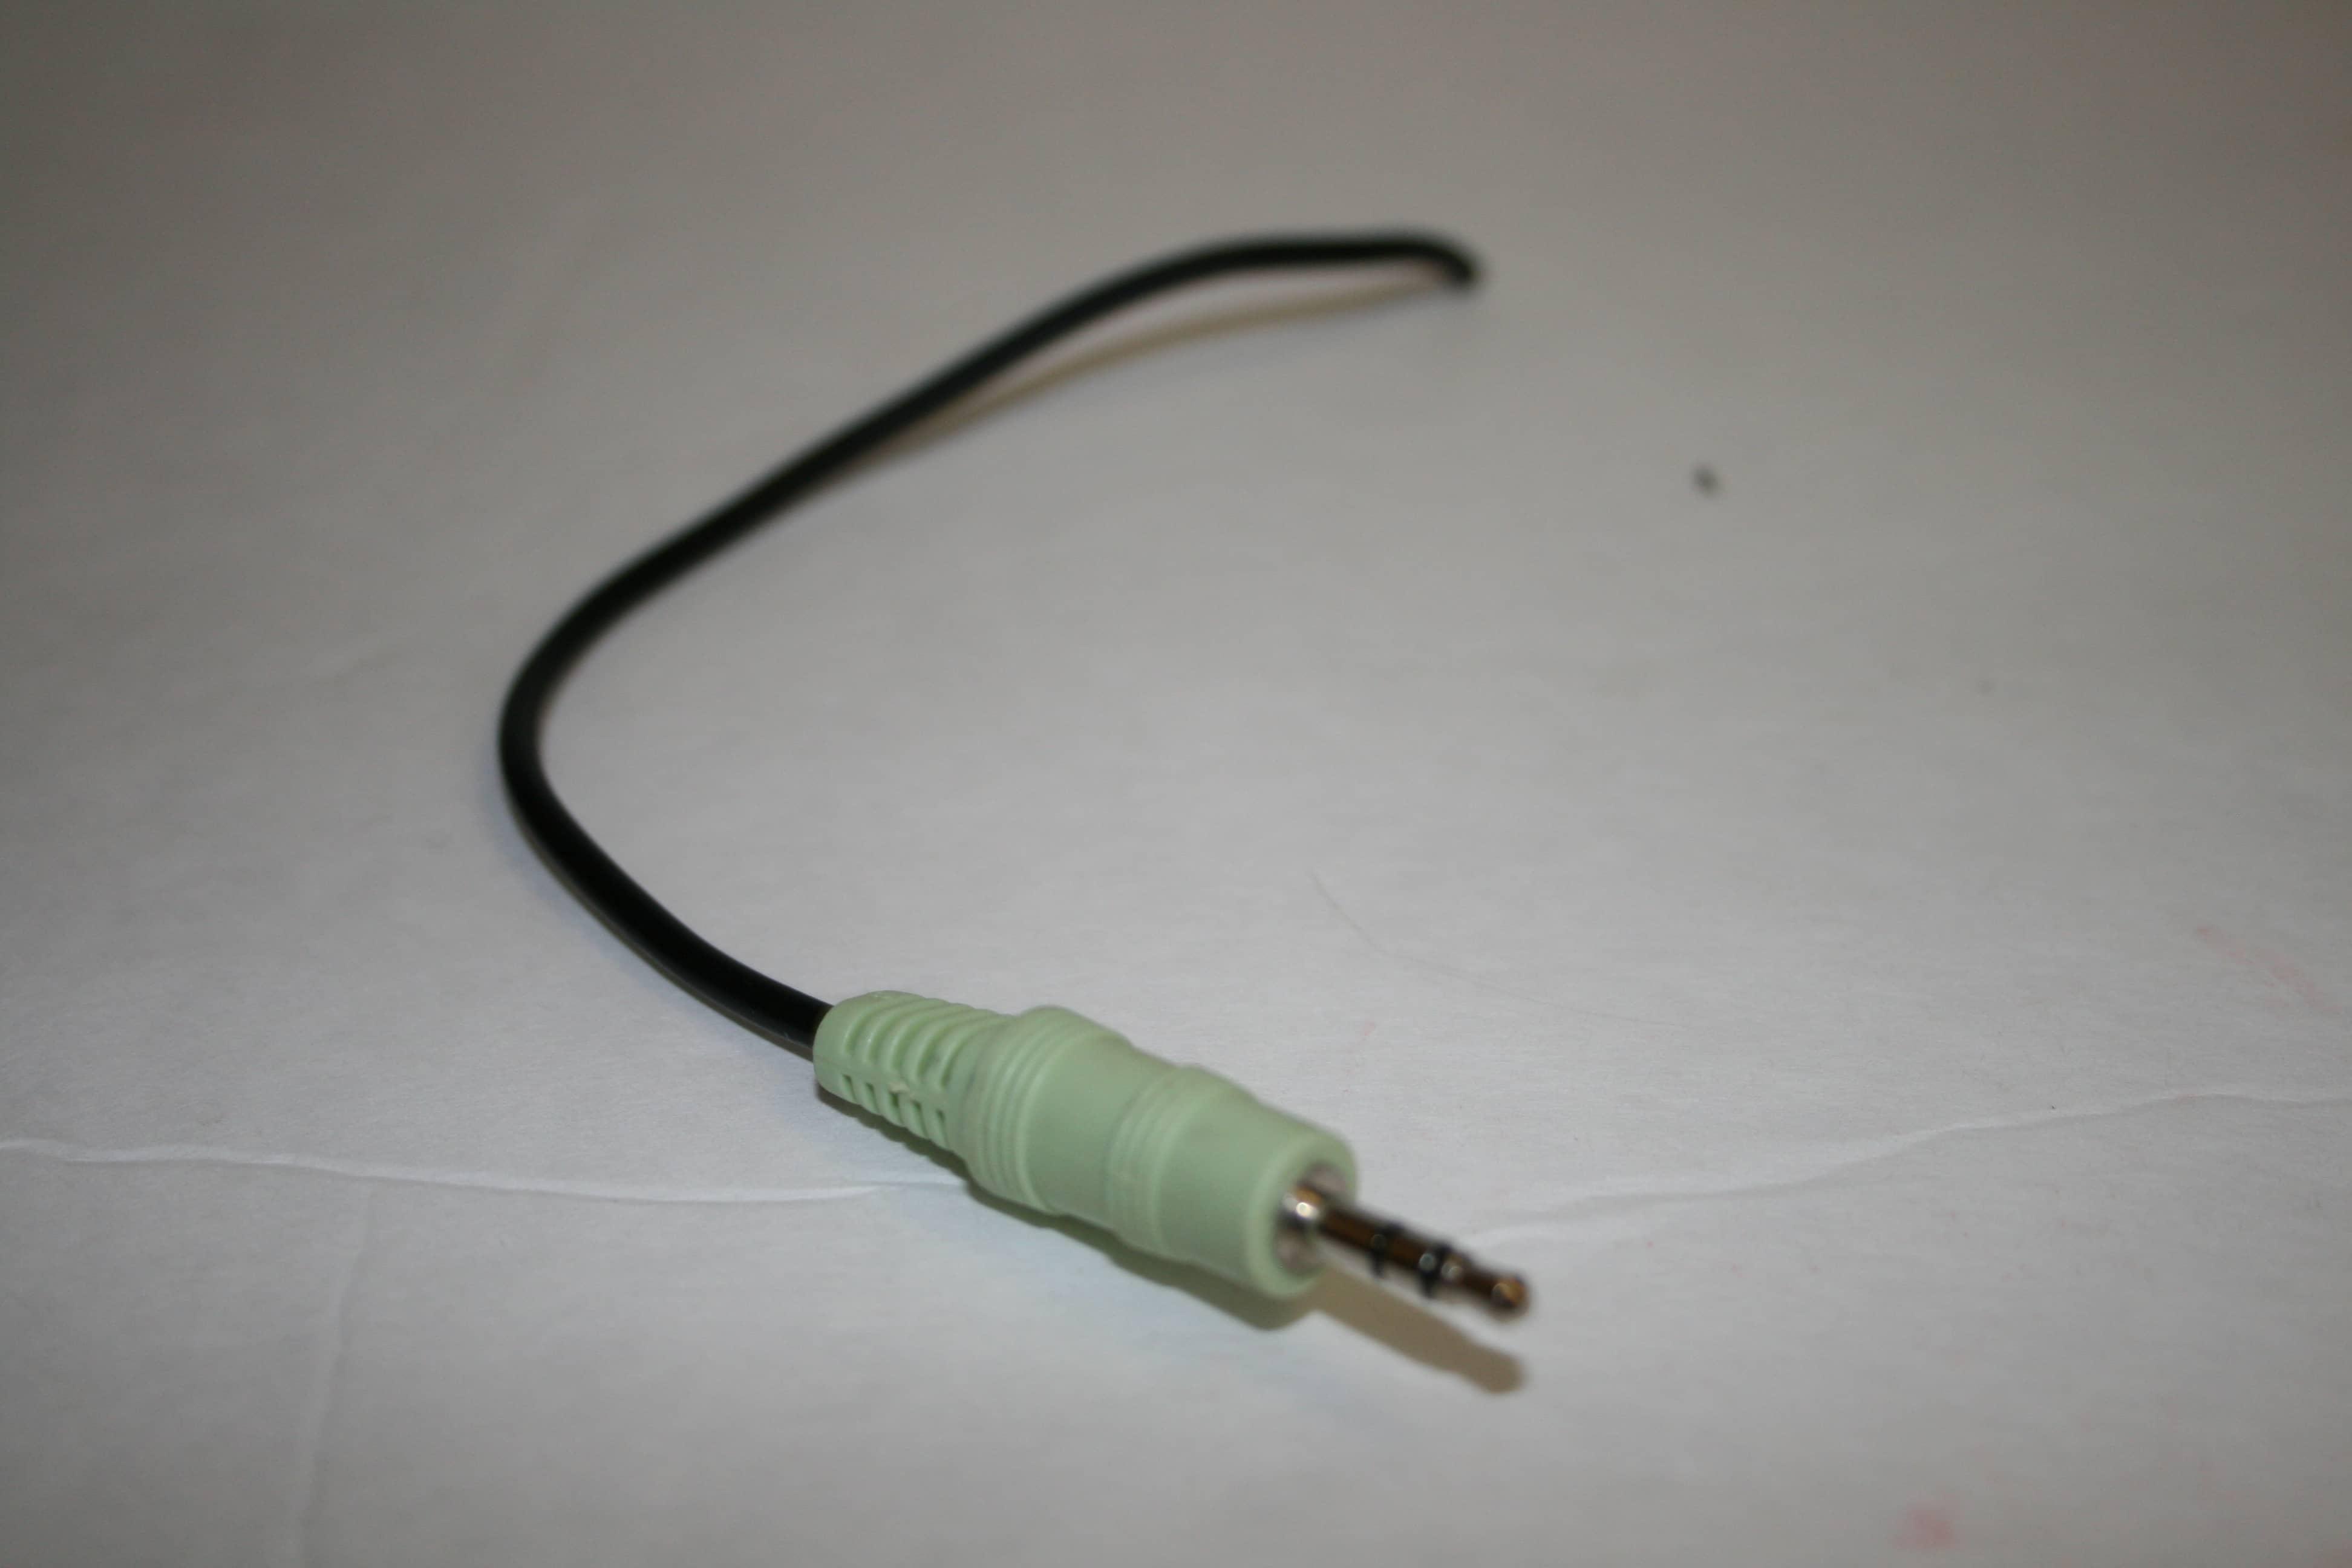 how to fix broken headphones - cut wire